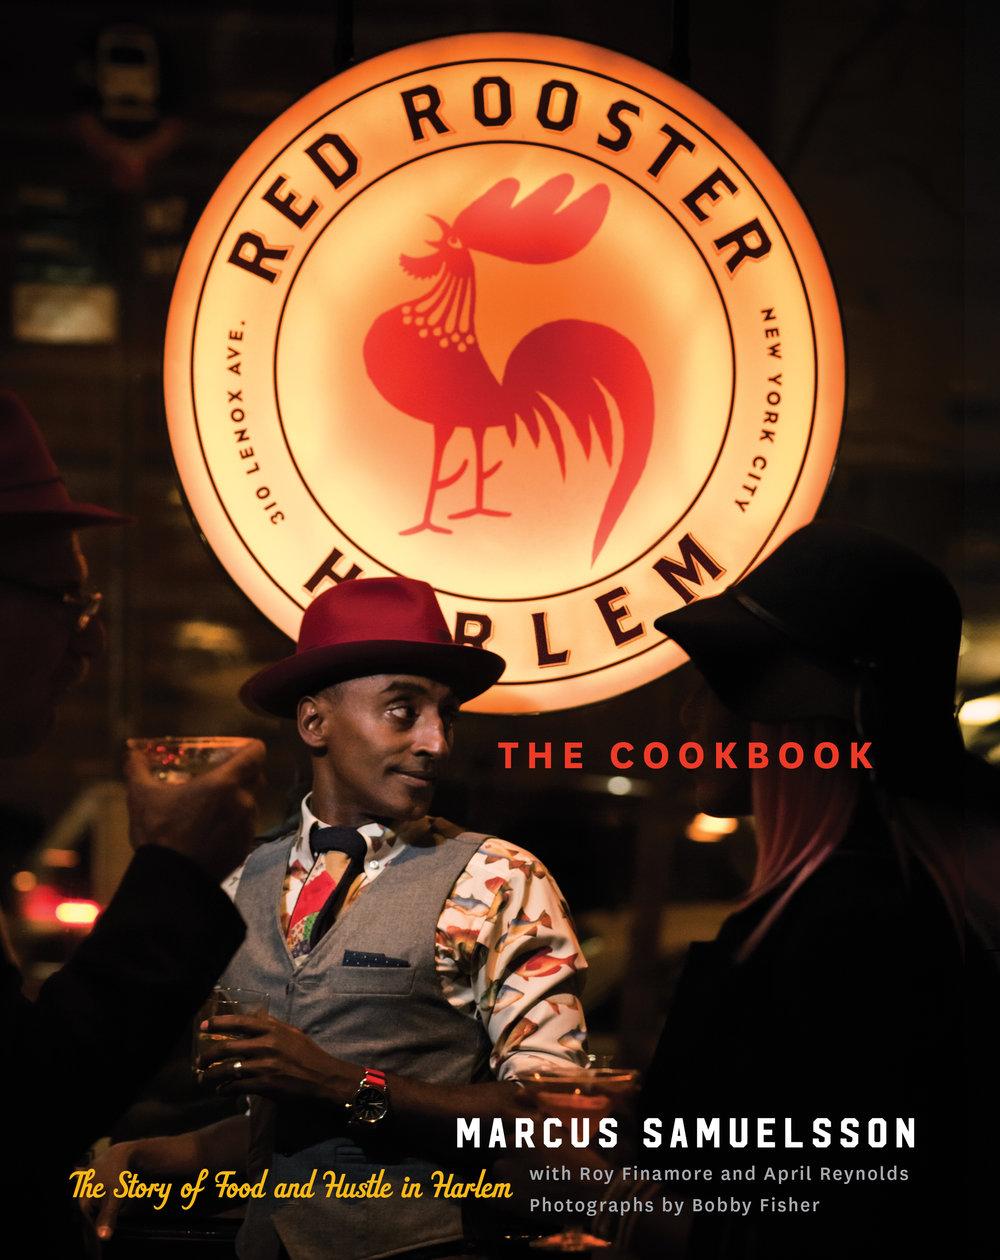 Red Rooster Cookbook Cover Hi-Res.jpg